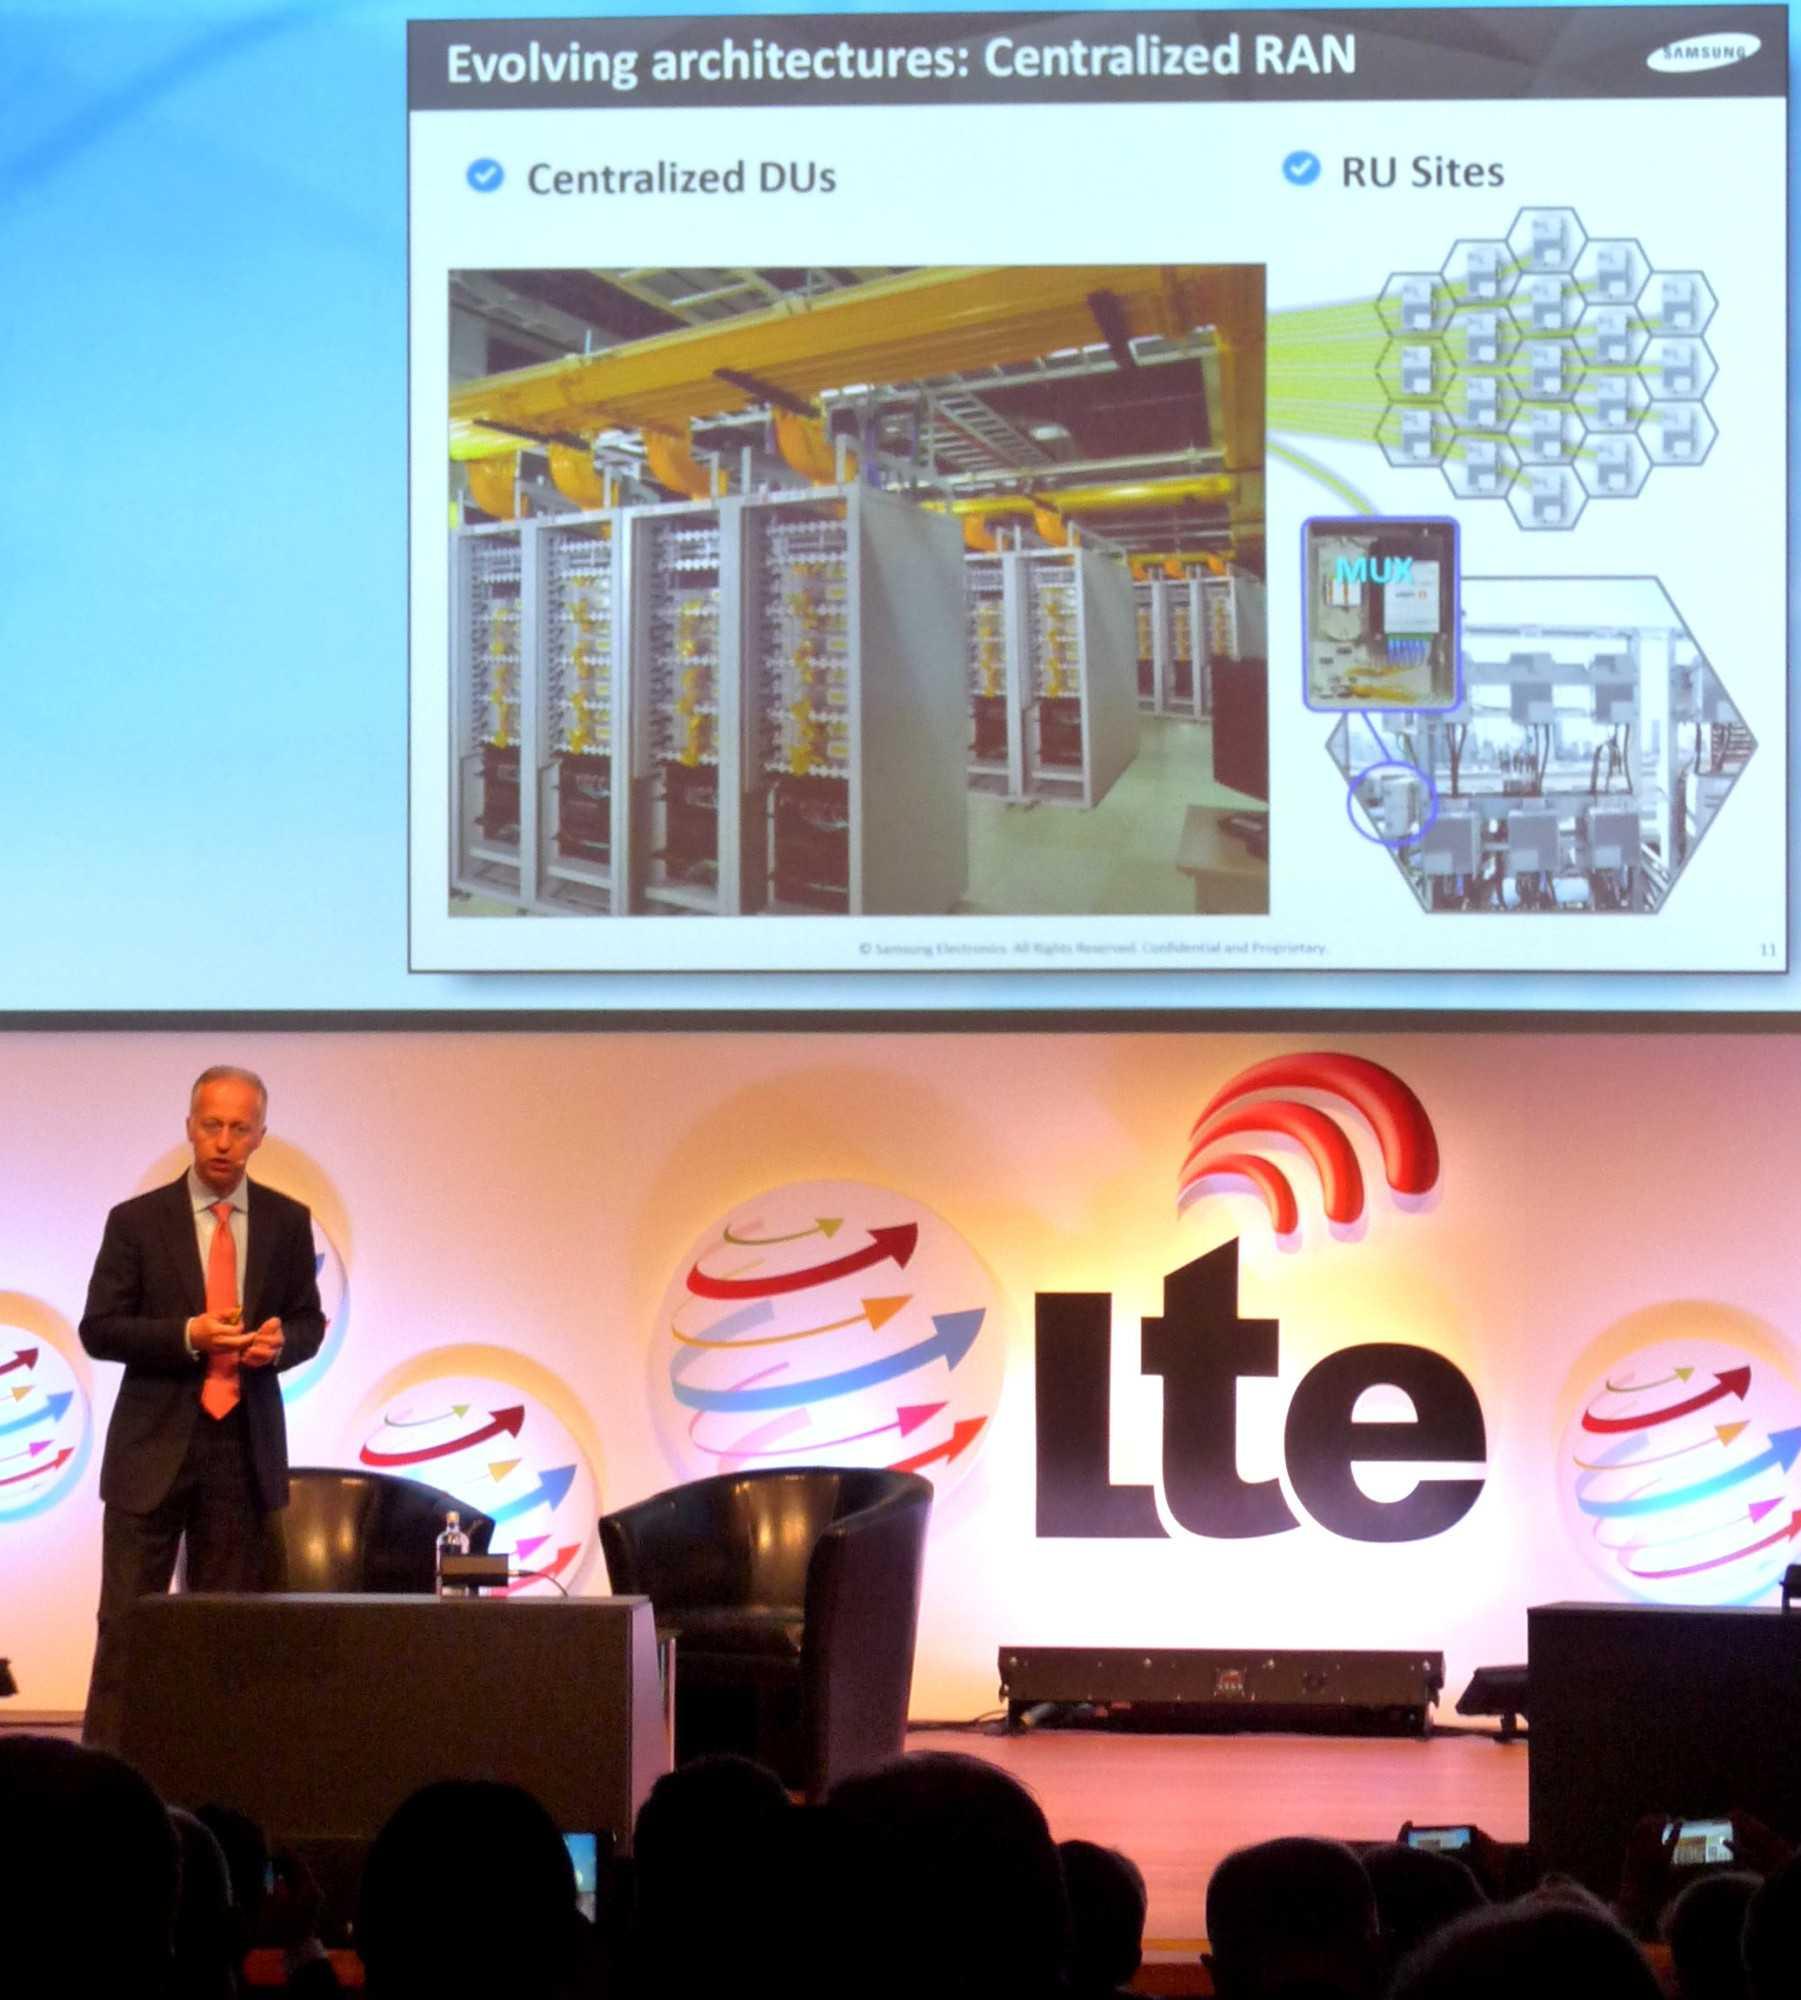 Giuseppe Donagemma, Netzwerk-Vizechef  Samsung Europe, erklärt den C-RAN-Ausbau in Seoul.